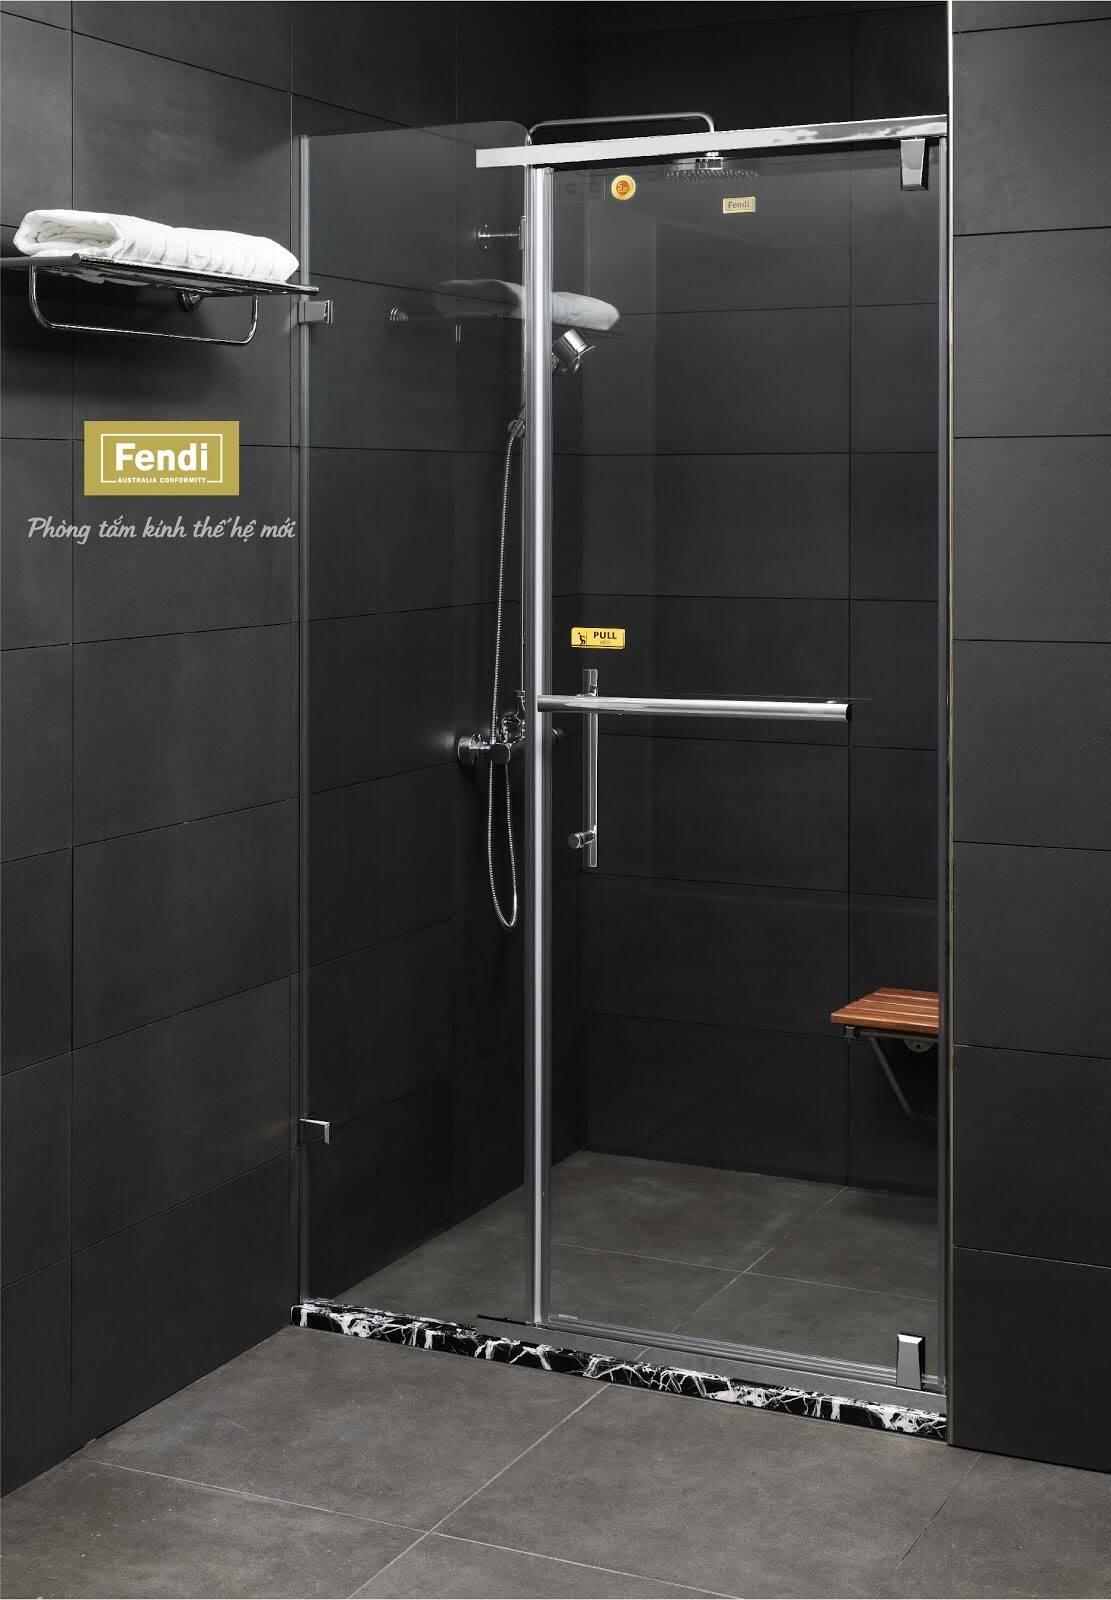 Phòng tắm kính cửa mở xoay loại 1 mặt kính, giáp 3 mặt tường là một trong những kiểu khá phổ biến trong thiết kế phòng tắm dân dụng